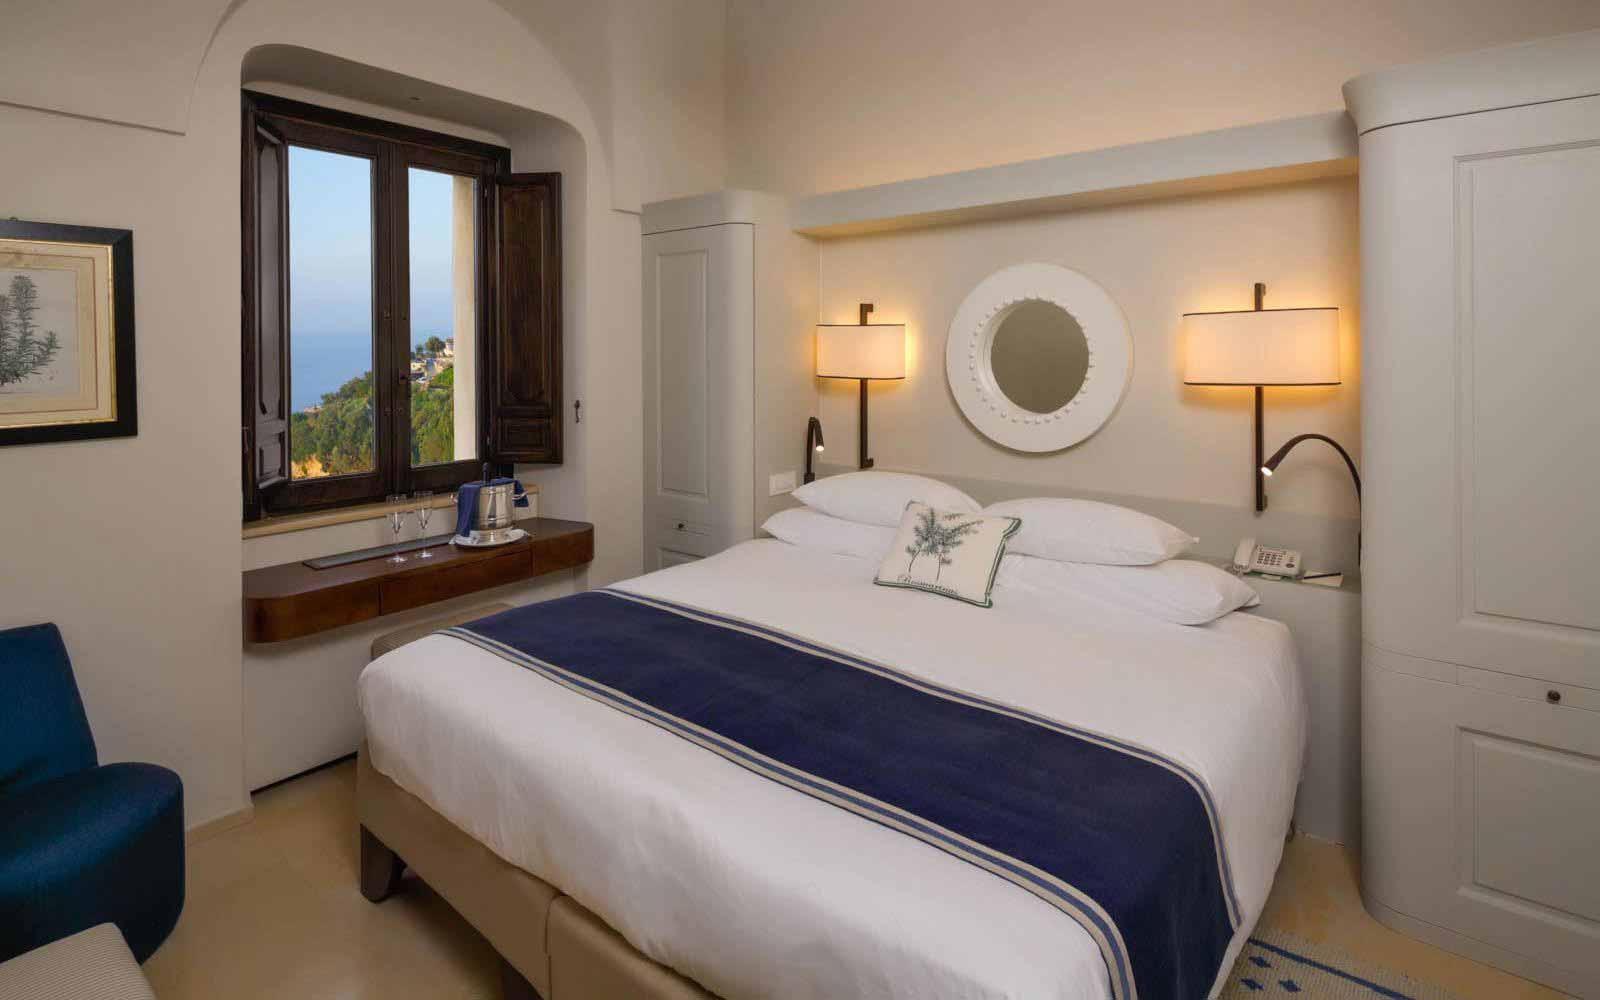 Deluxe bedroom at Monastero Santa Rosa